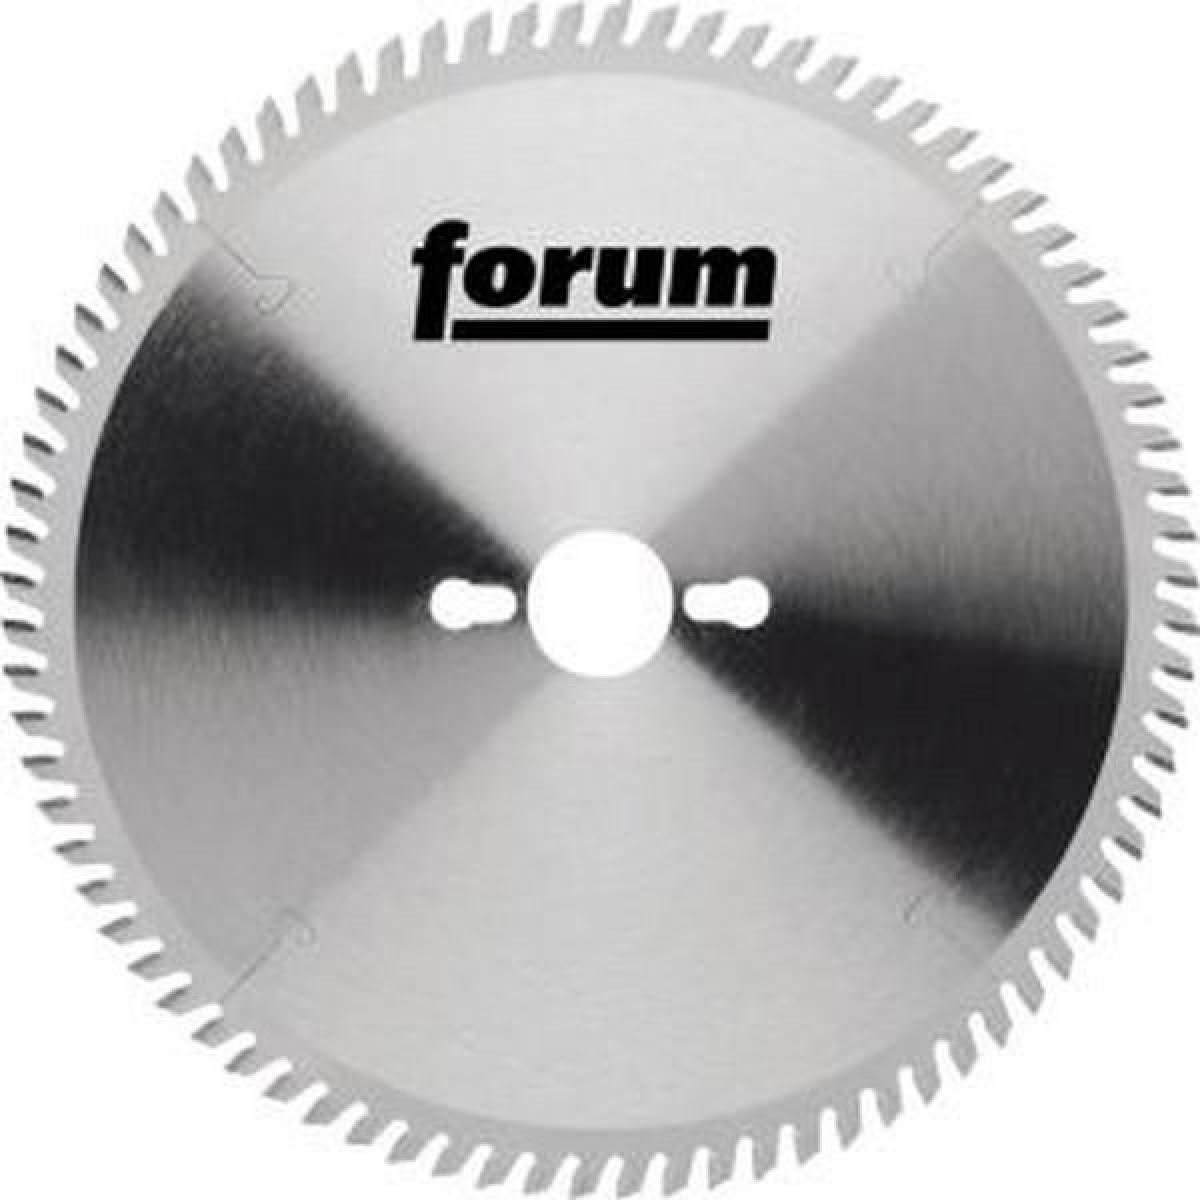 Forum Lame de scie circulaire, Ø : 305 mm, Larg. : 3,2 mm, Alésage 30 mm, Perçages secondaires : 2KNL*, Dents : 32